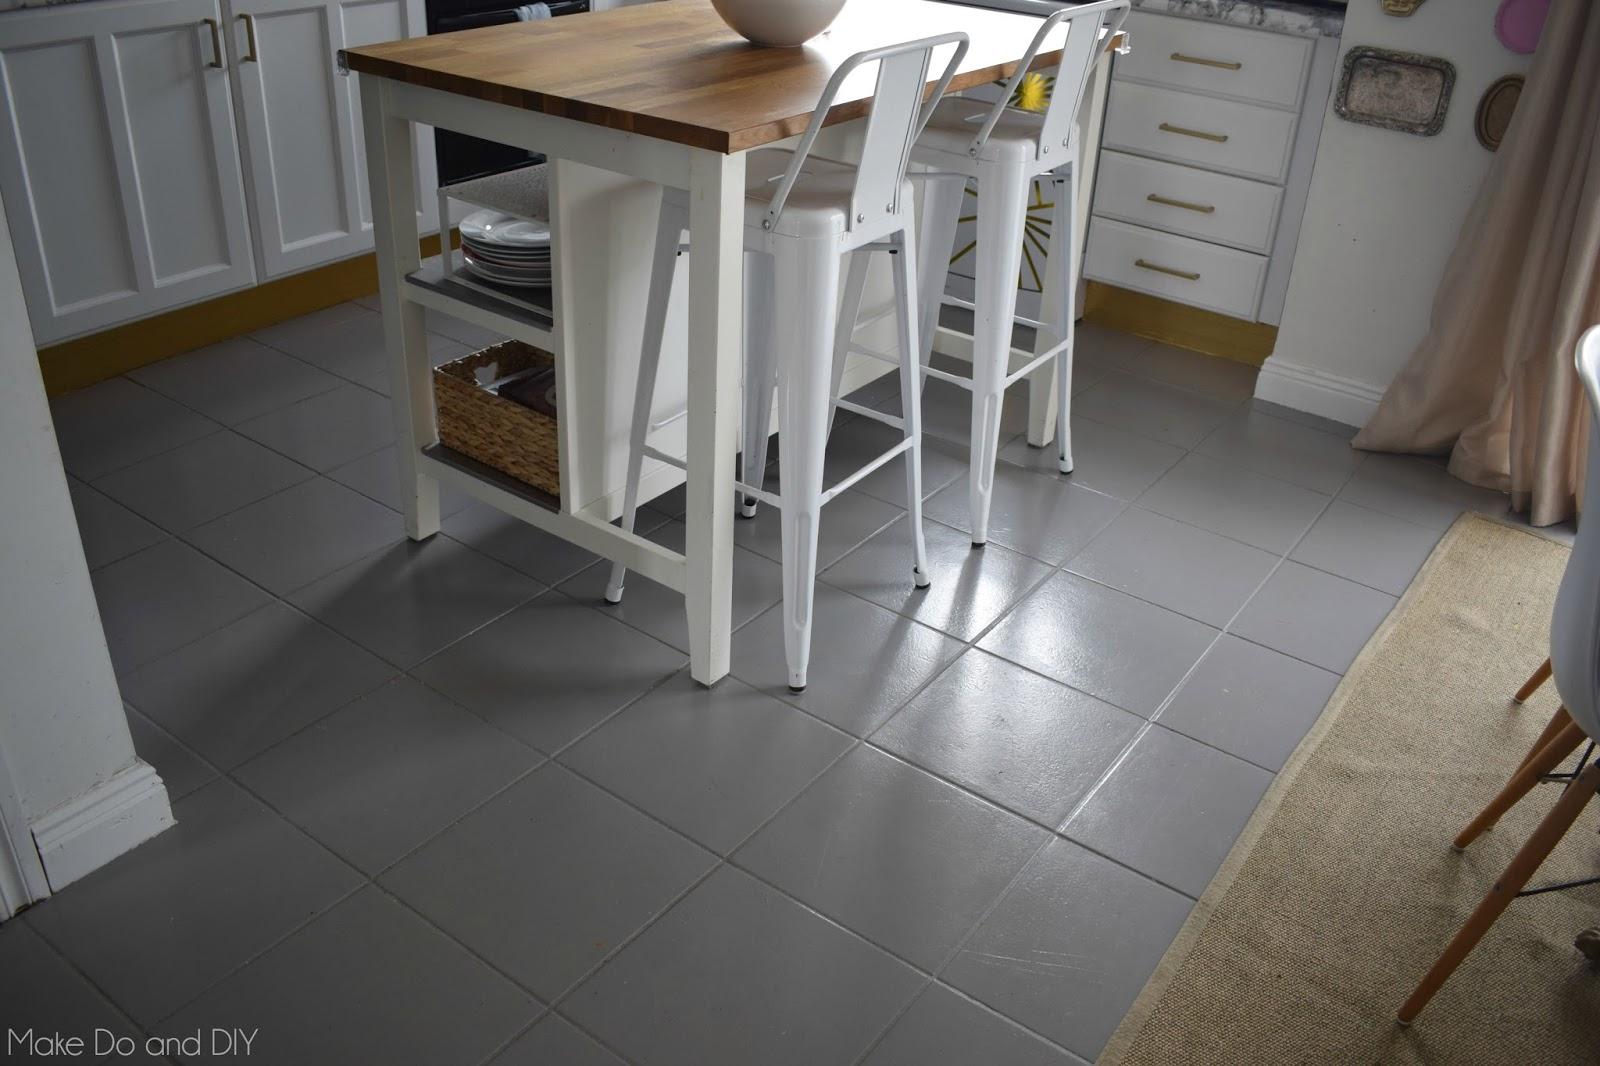 Updating old ceramic tile